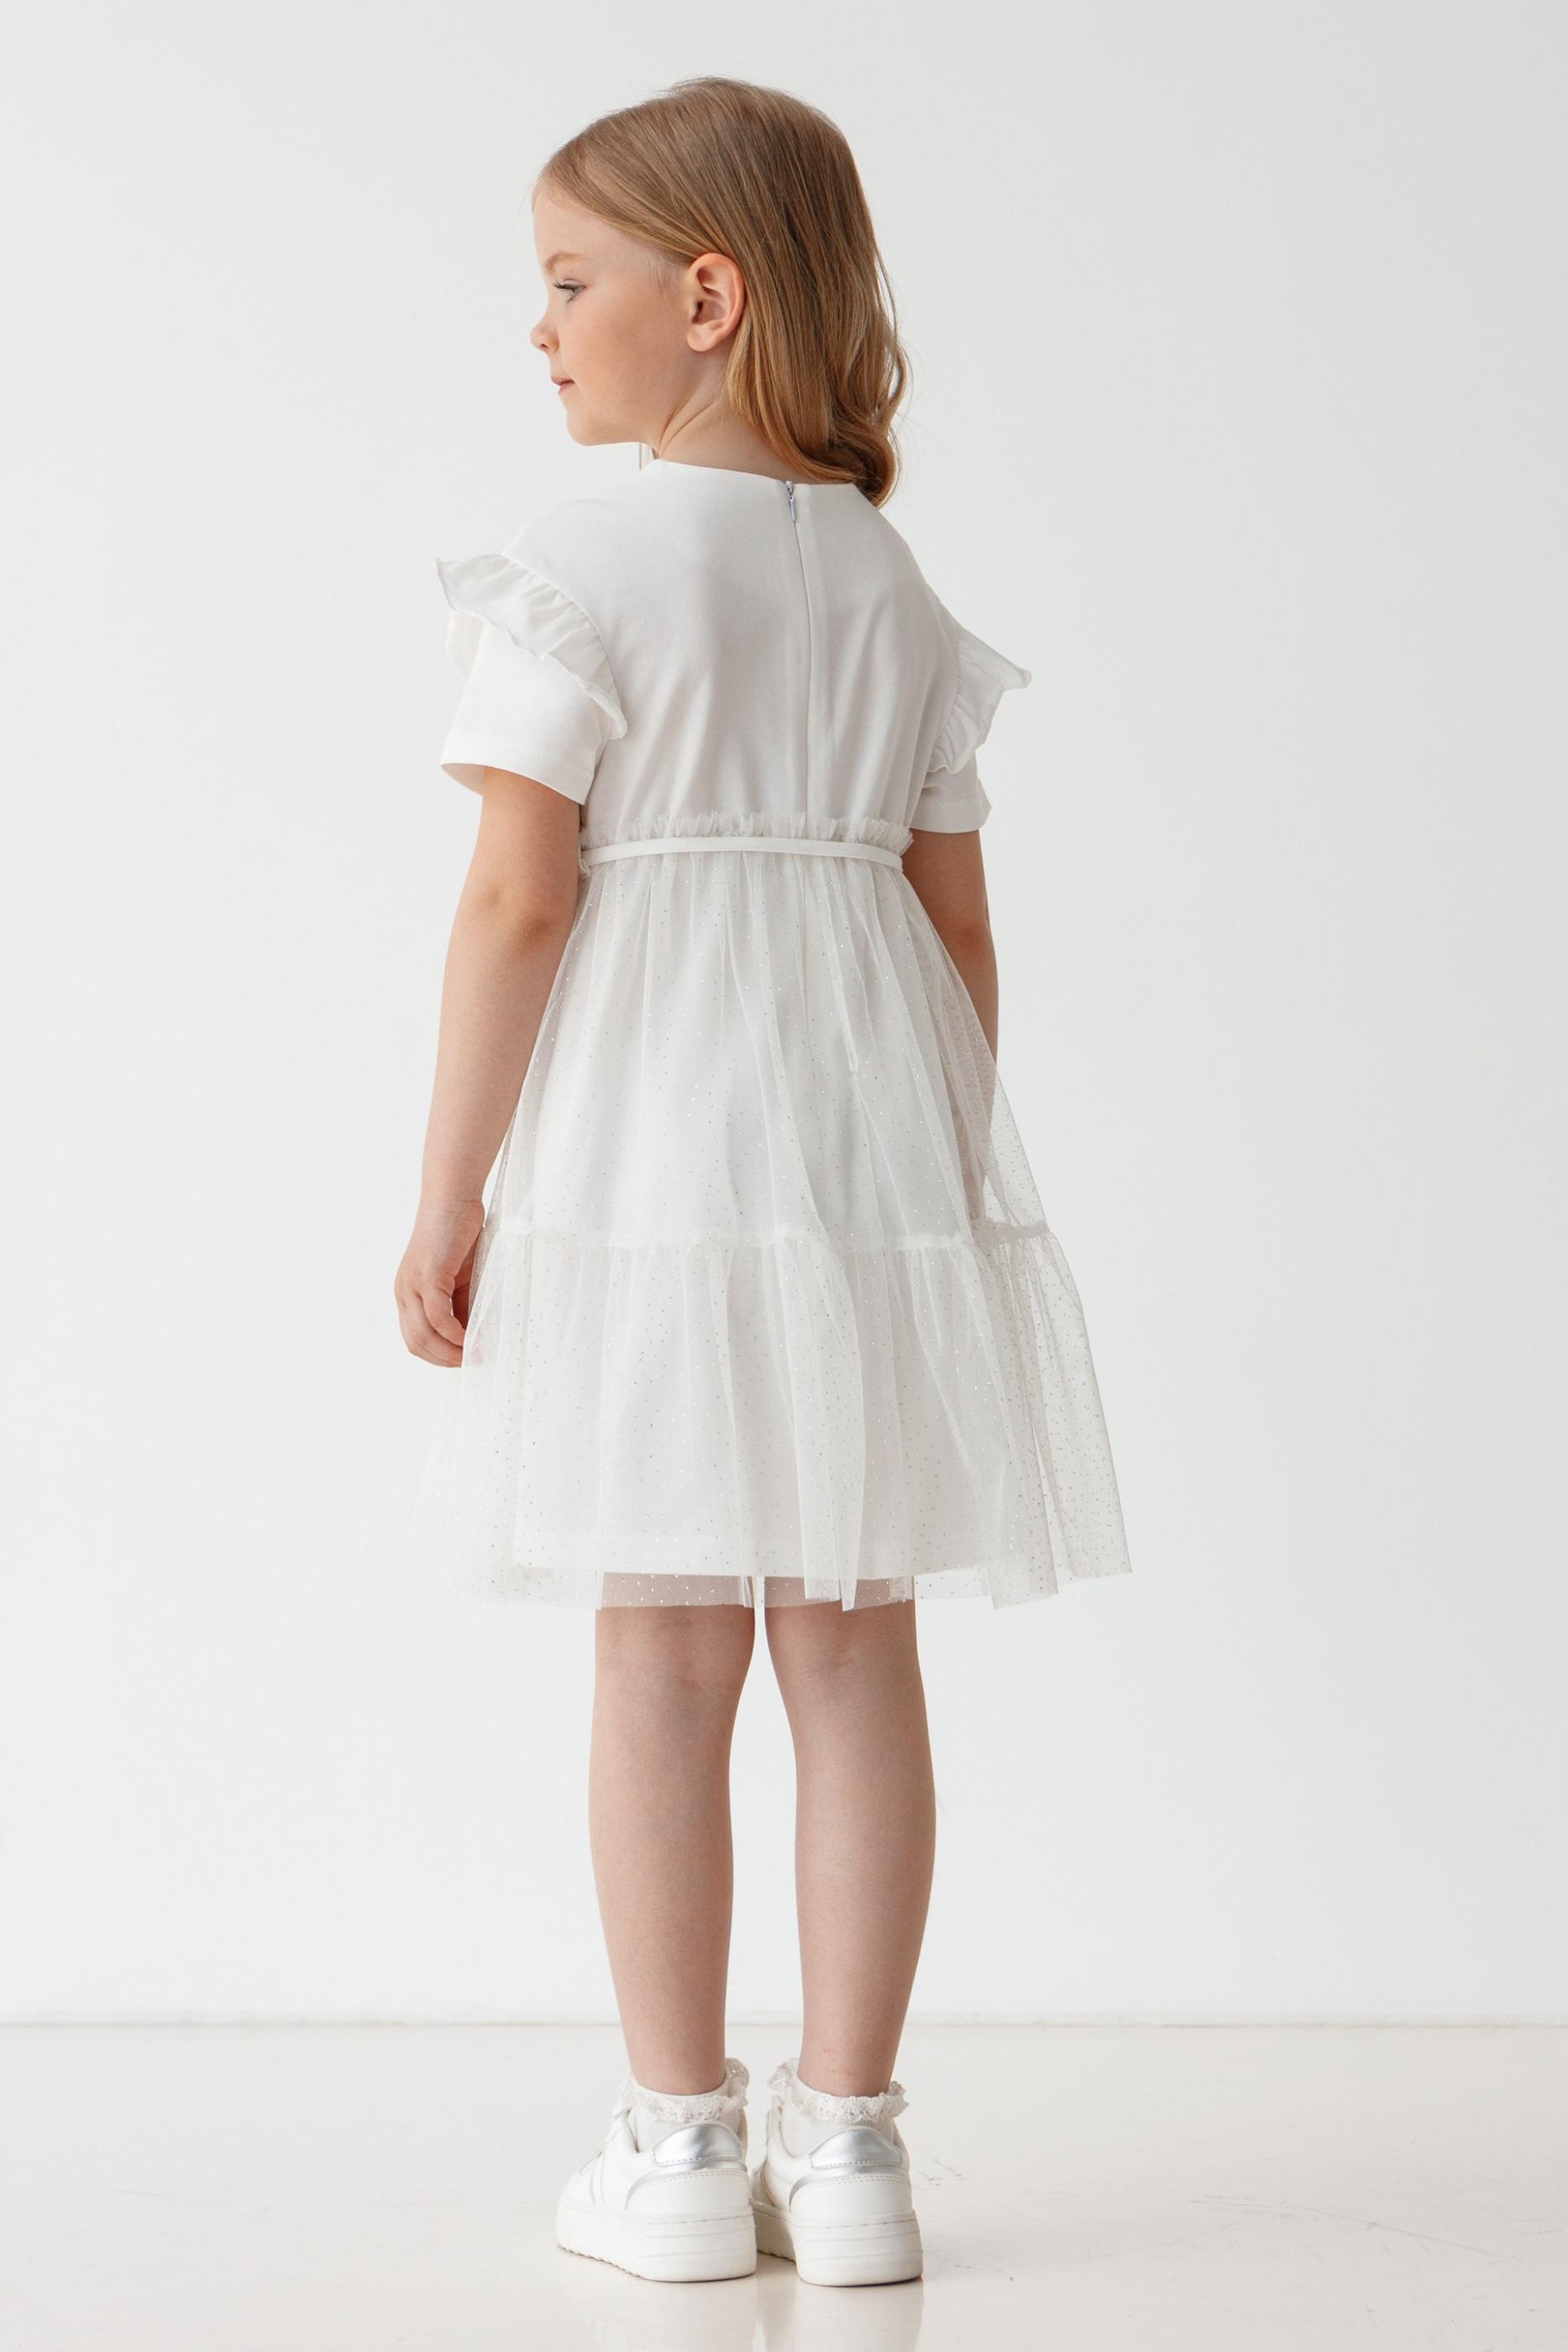 Плаття Лія, фото №5